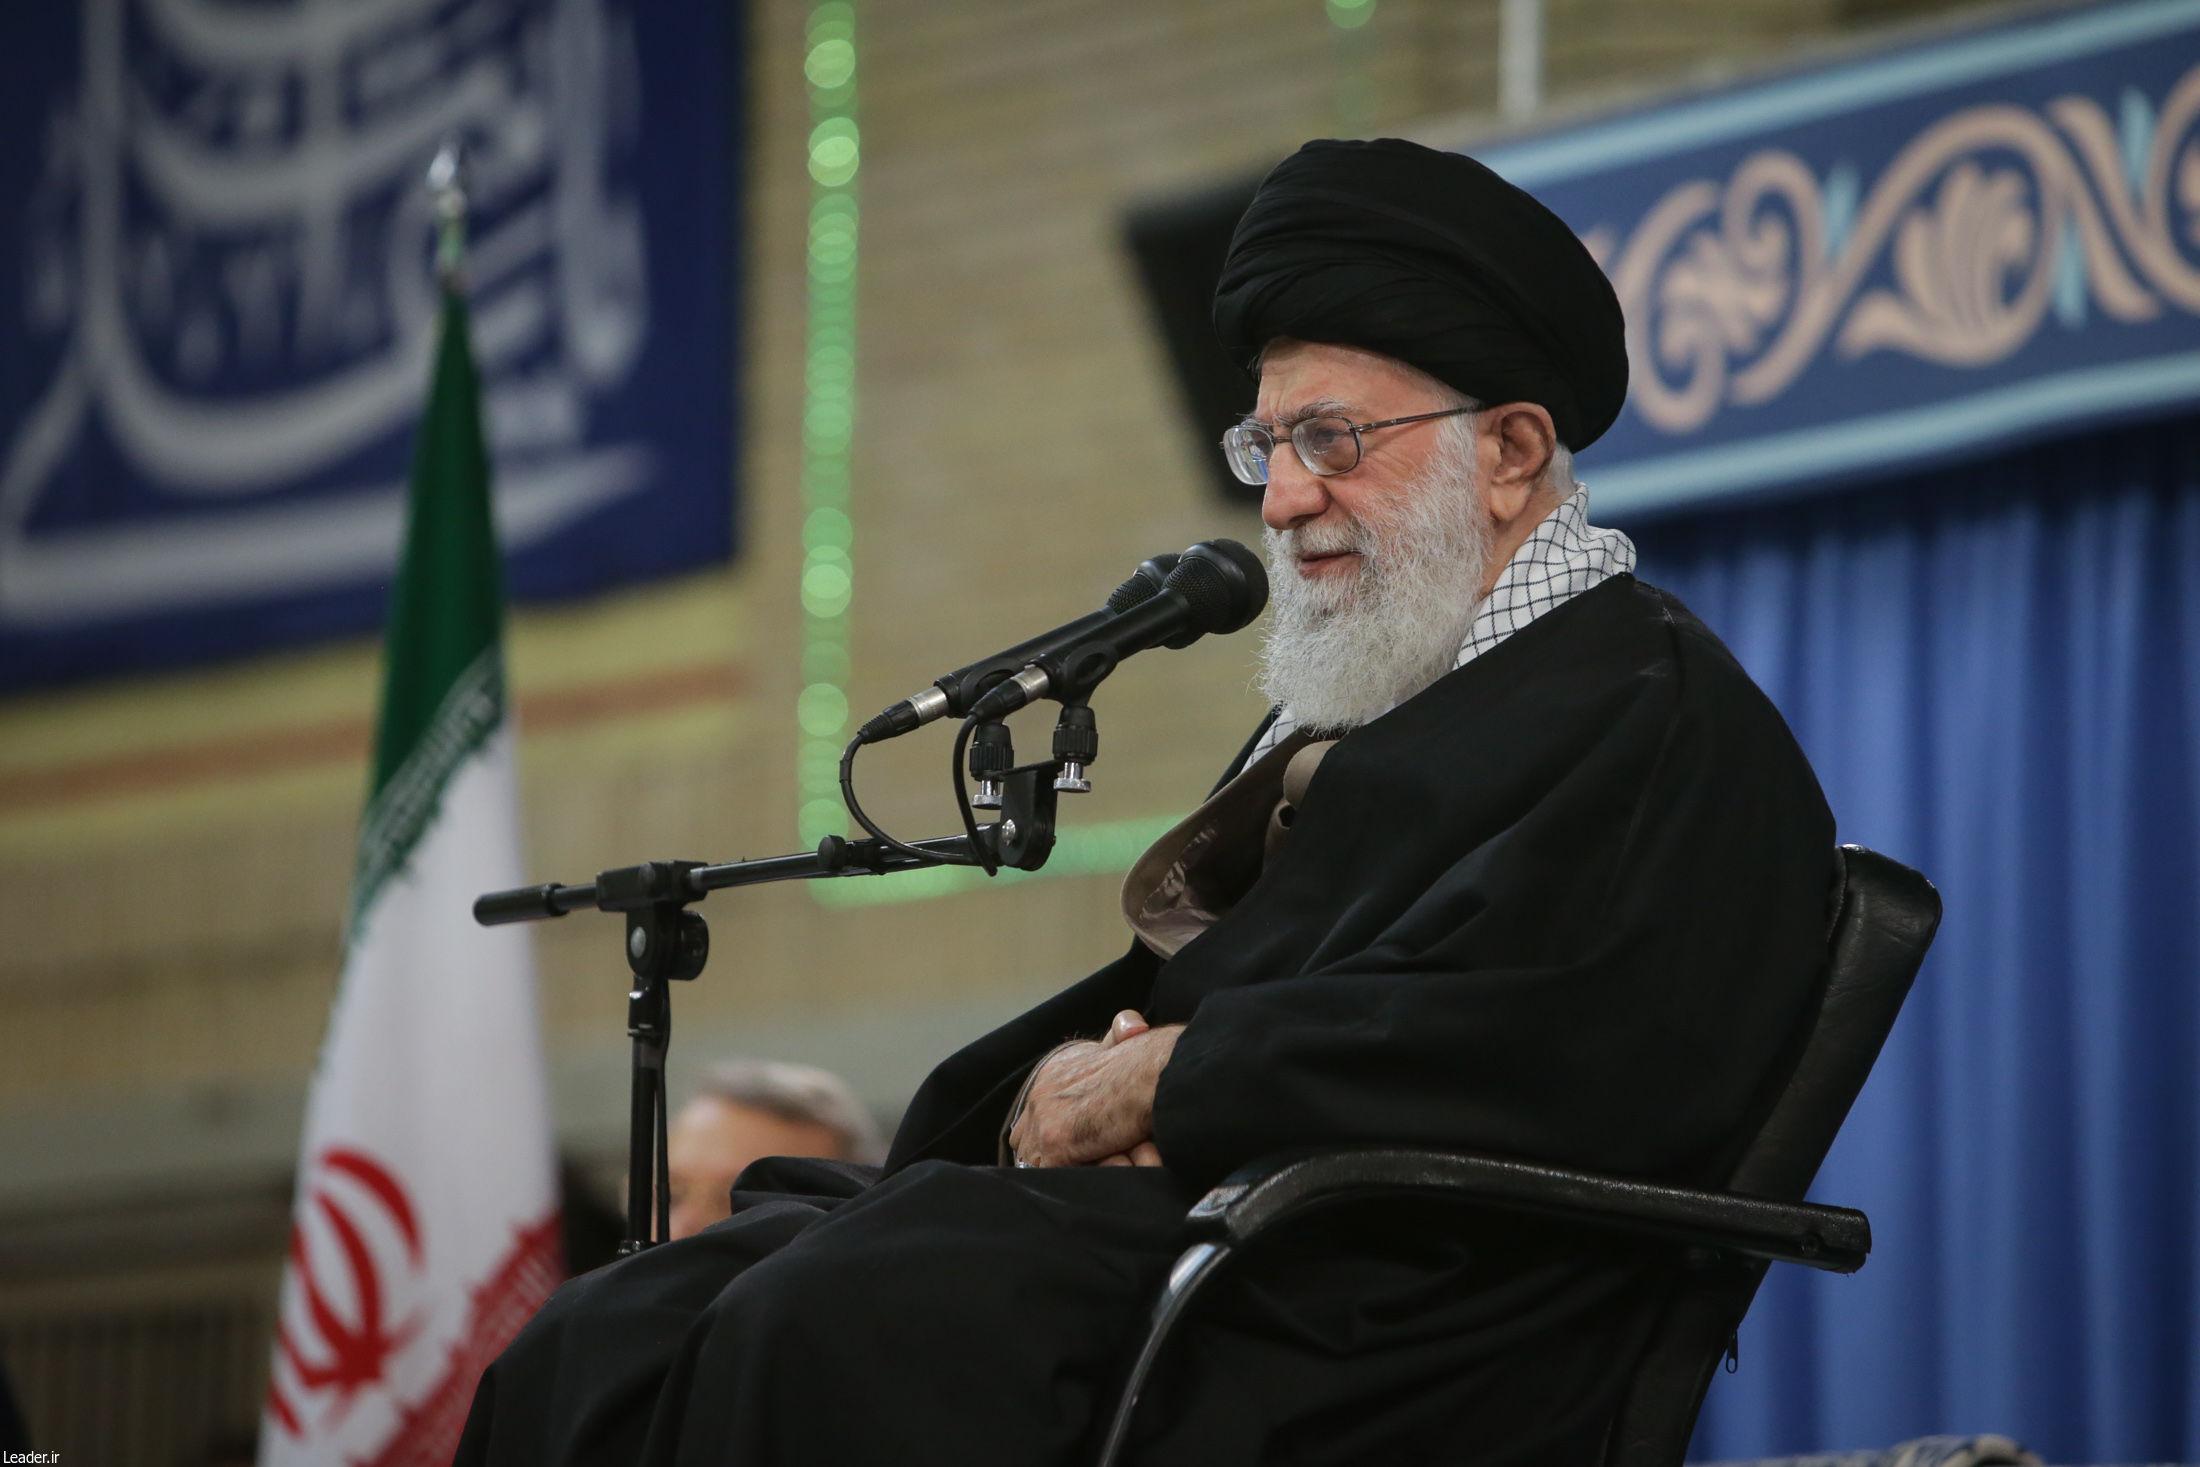 حساسیت آمریکا به منطقه ما بهخاطر گرایش ملتها به اسلام است/ هرجا اسلام حاکم شده، استکبار سیلی خورده است